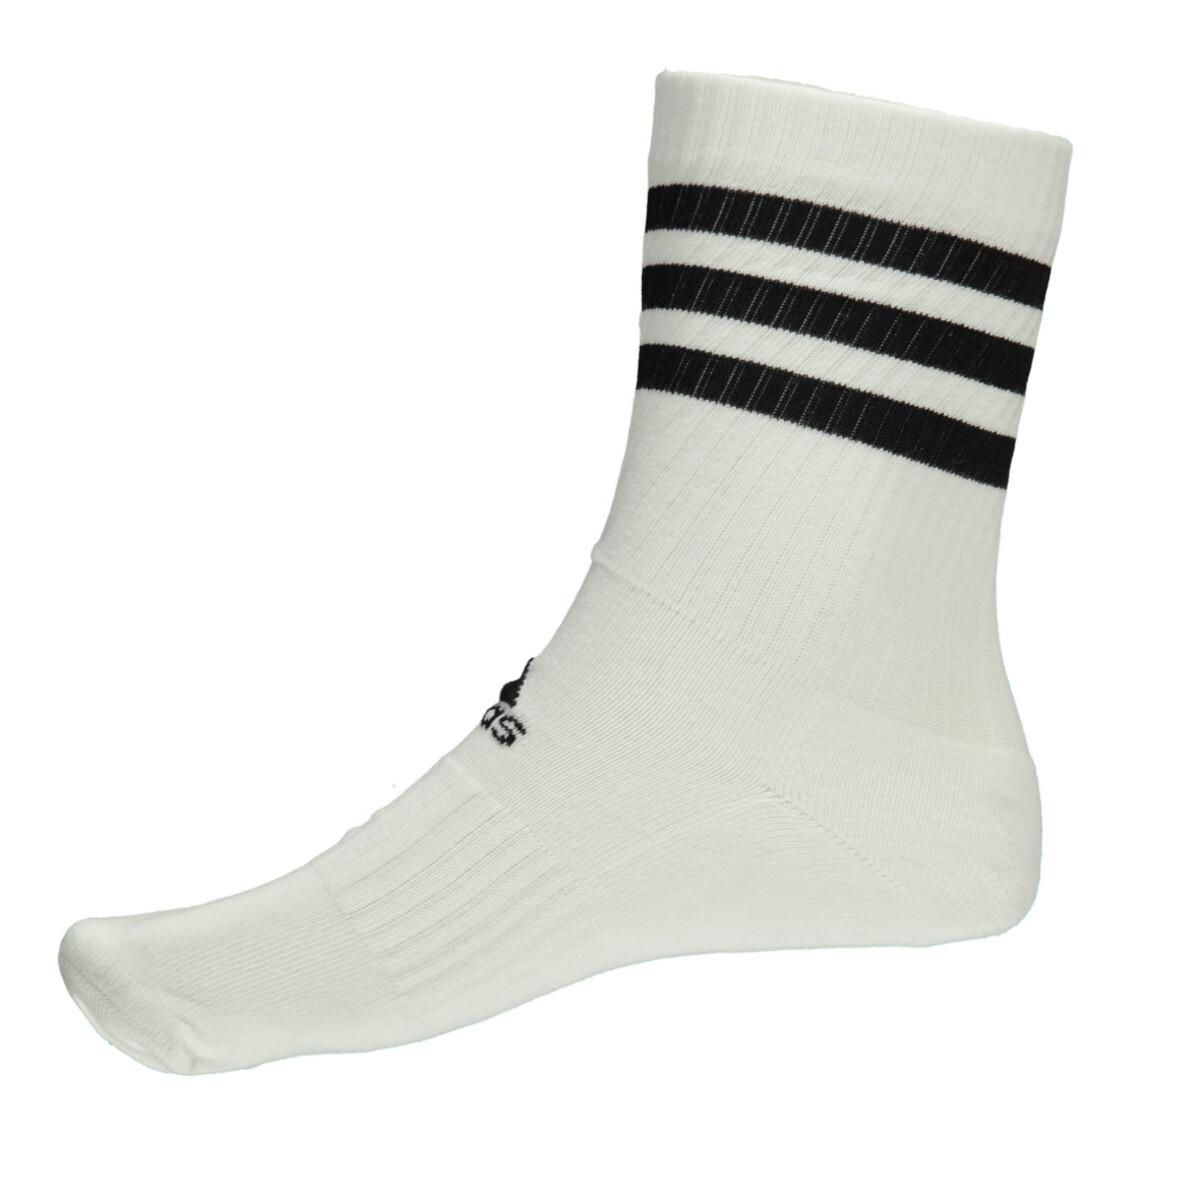 Bild 2 von Herren Socken im 3er Pack